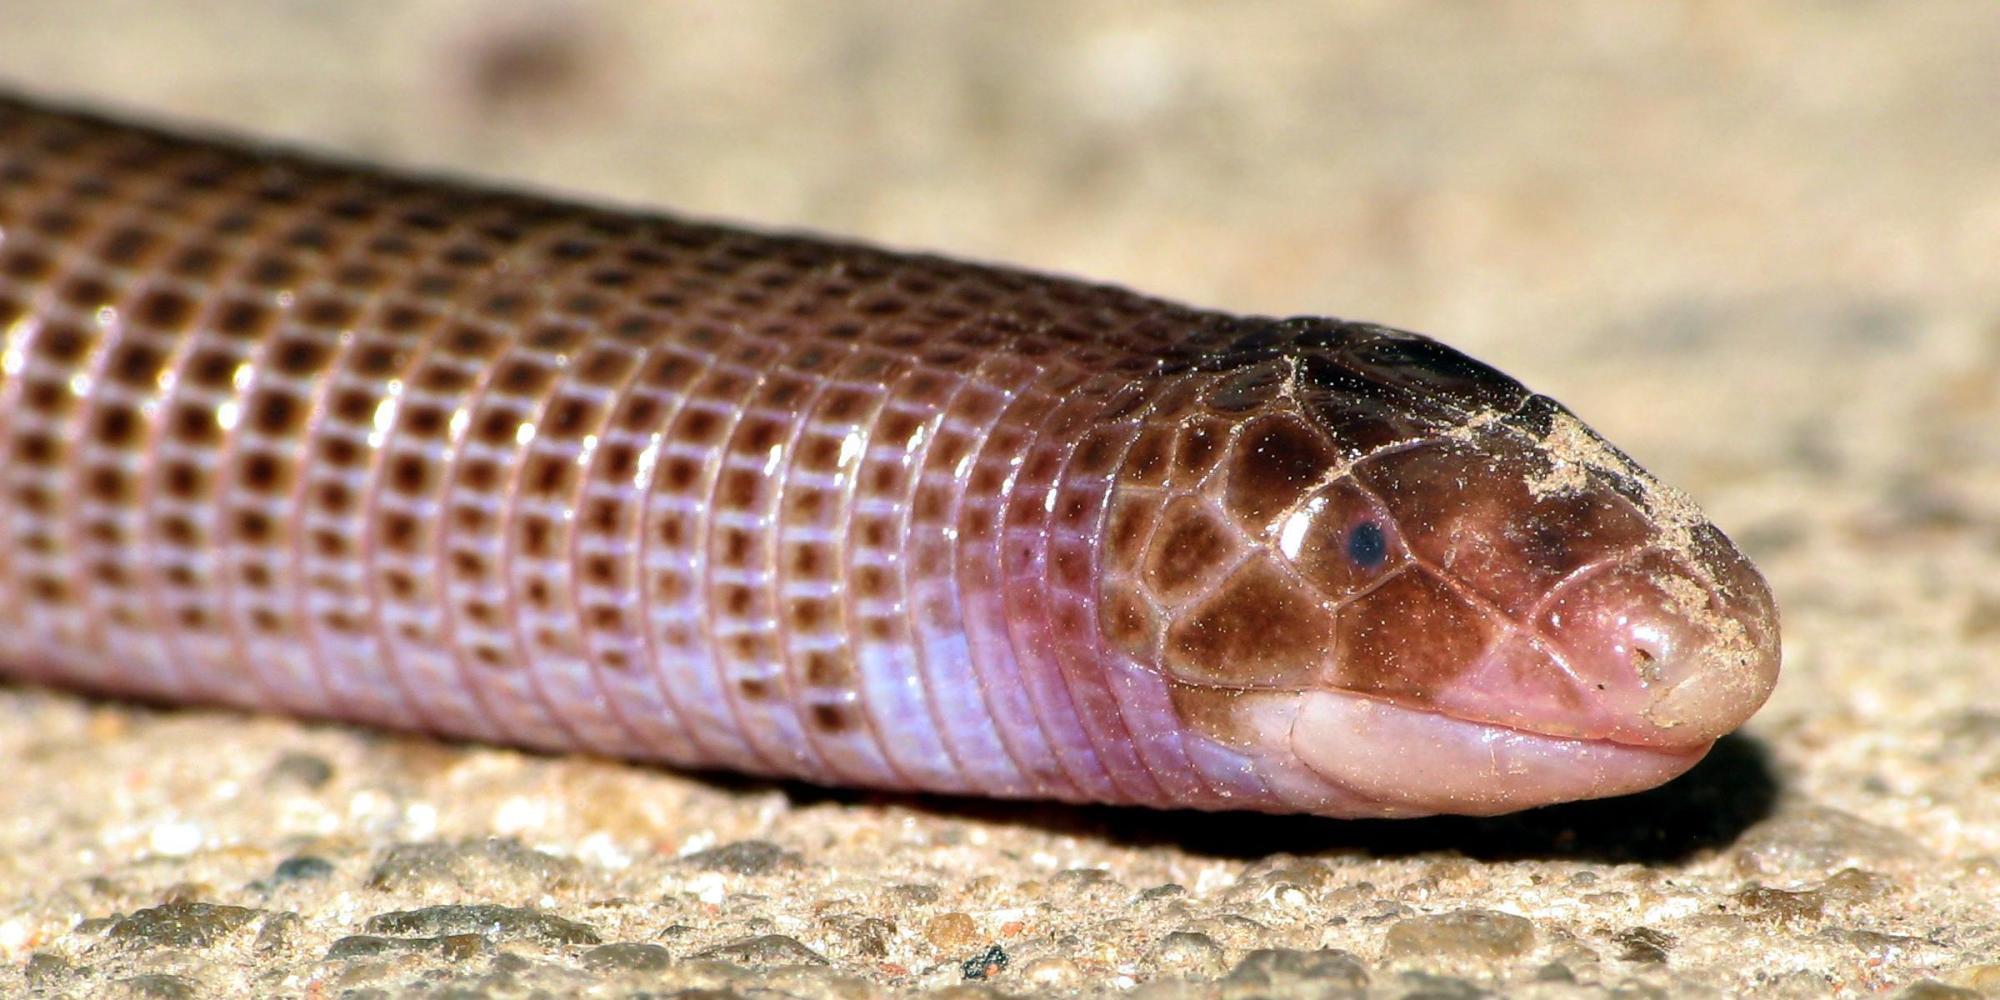 Lizards Eat Worms Weird 'worm Lizard' Fossil